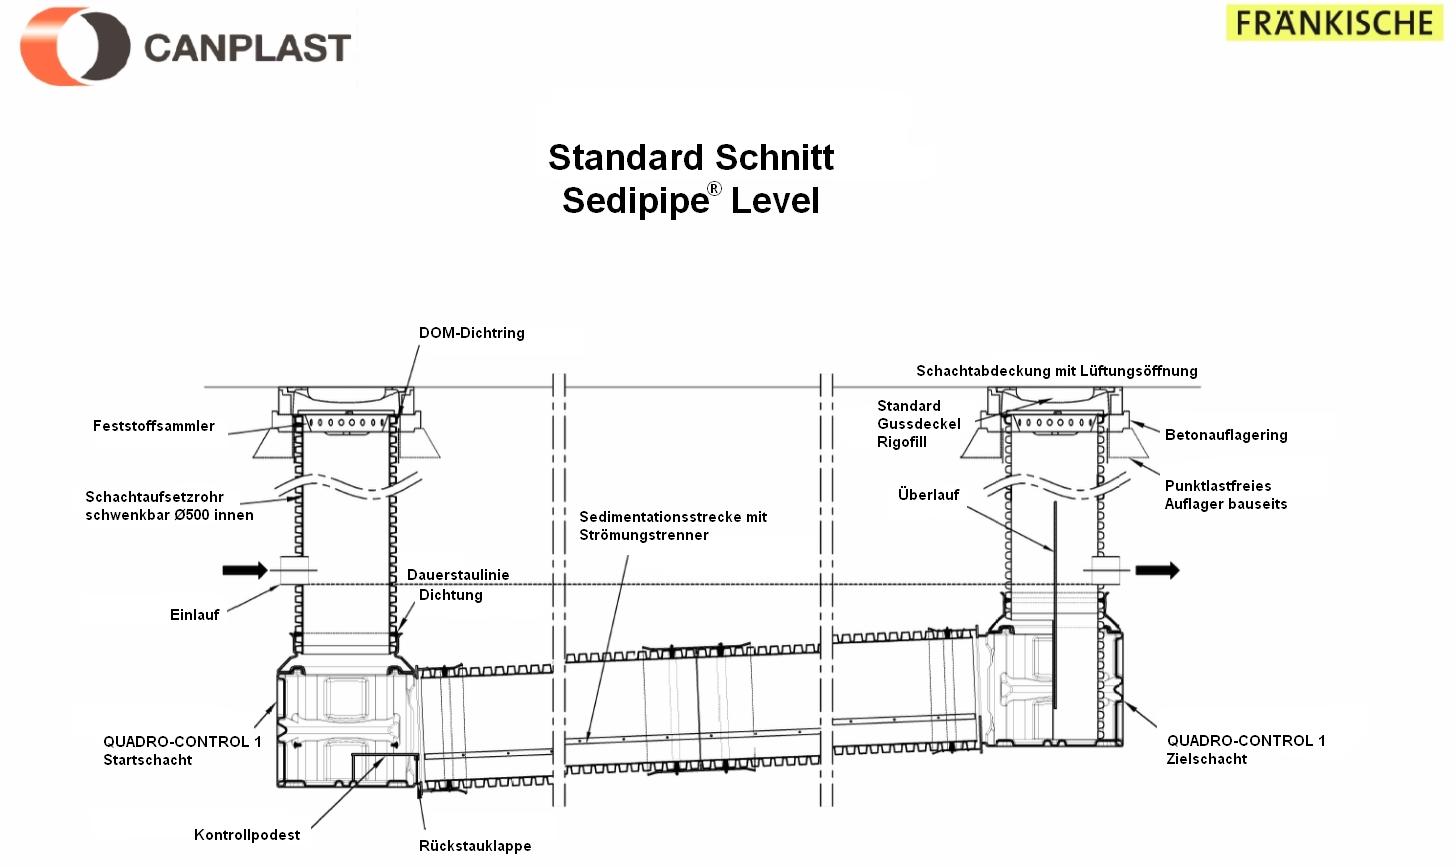 Standard Schnitt